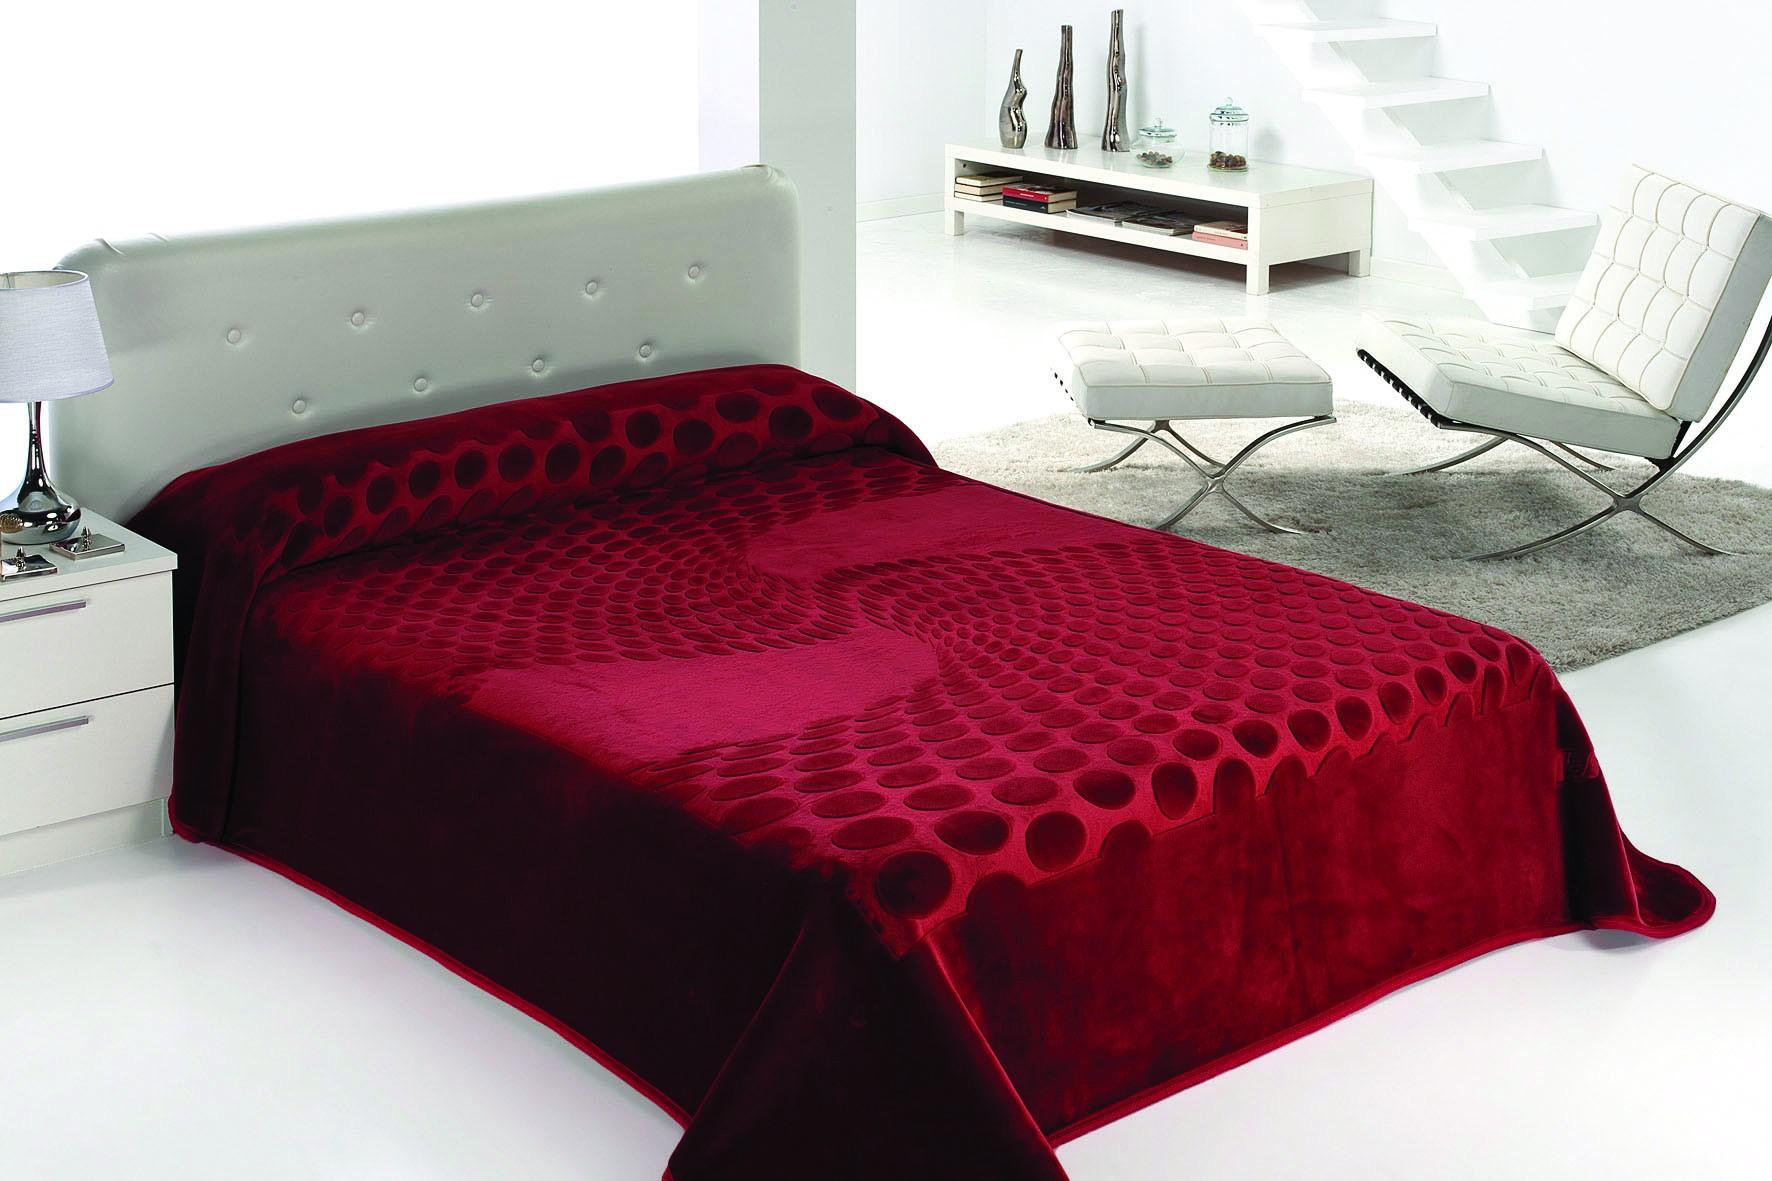 Κουβέρτα Βελουτέ Μονή Morven Serena 413 Μπορντώ home   κρεβατοκάμαρα   κουβέρτες   κουβέρτες βελουτέ μονές